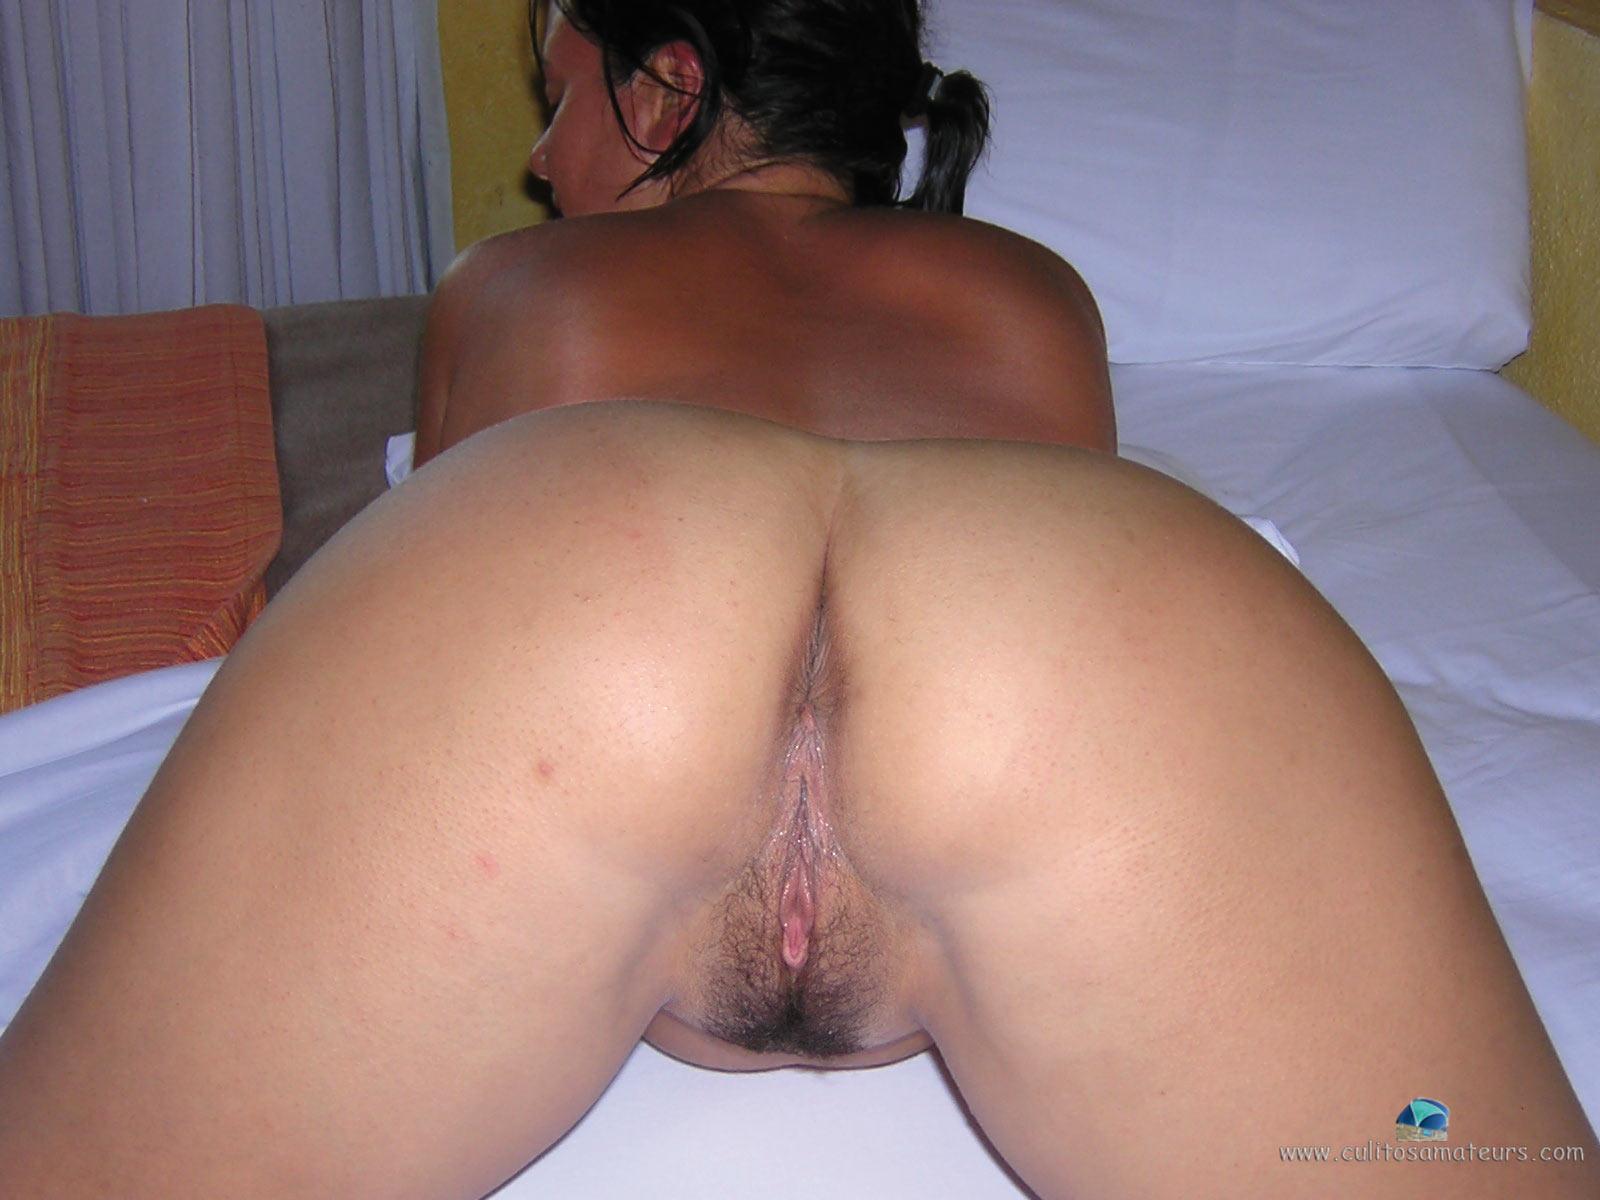 Images Of Gana Dinero Chicas Gratis Navegando Inter Latinas Desnudas